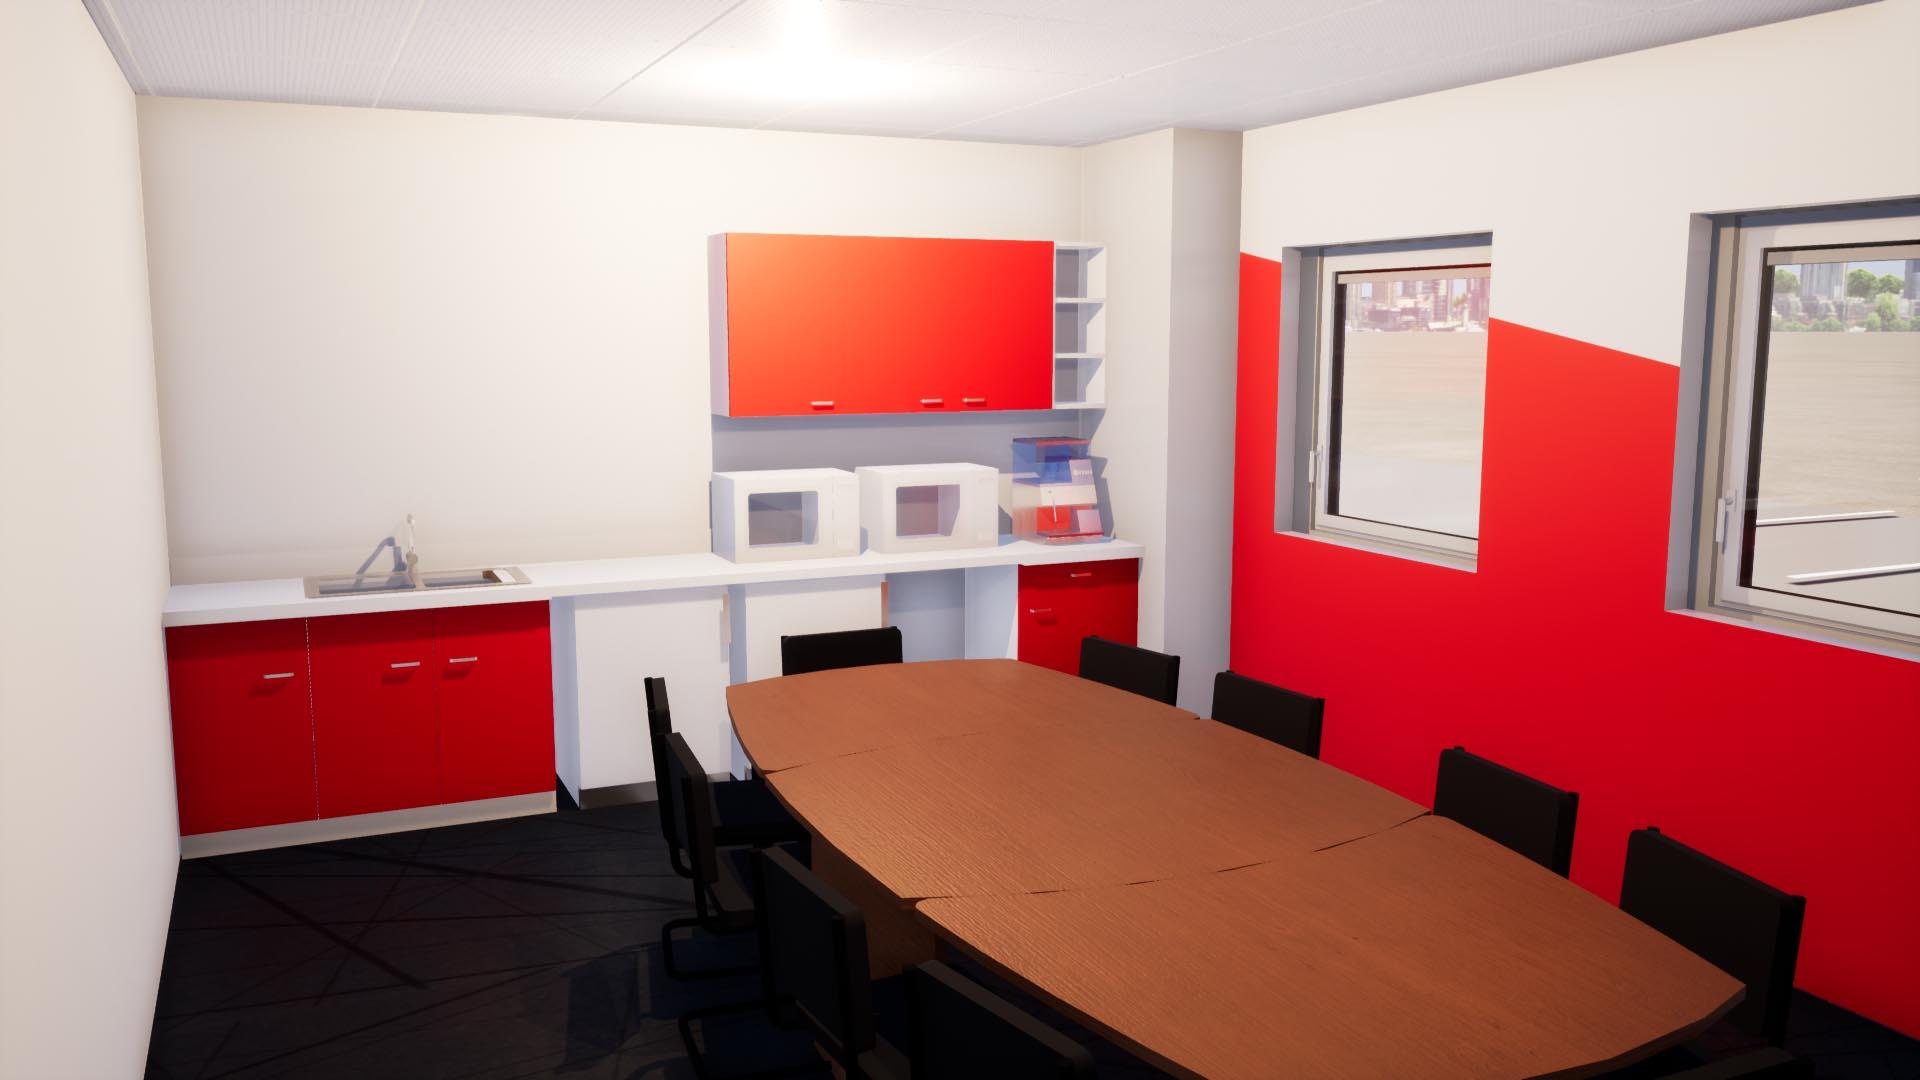 Mindae_3D_larcher_bureaux_entreprise_Cormelles_couleur_design (29)